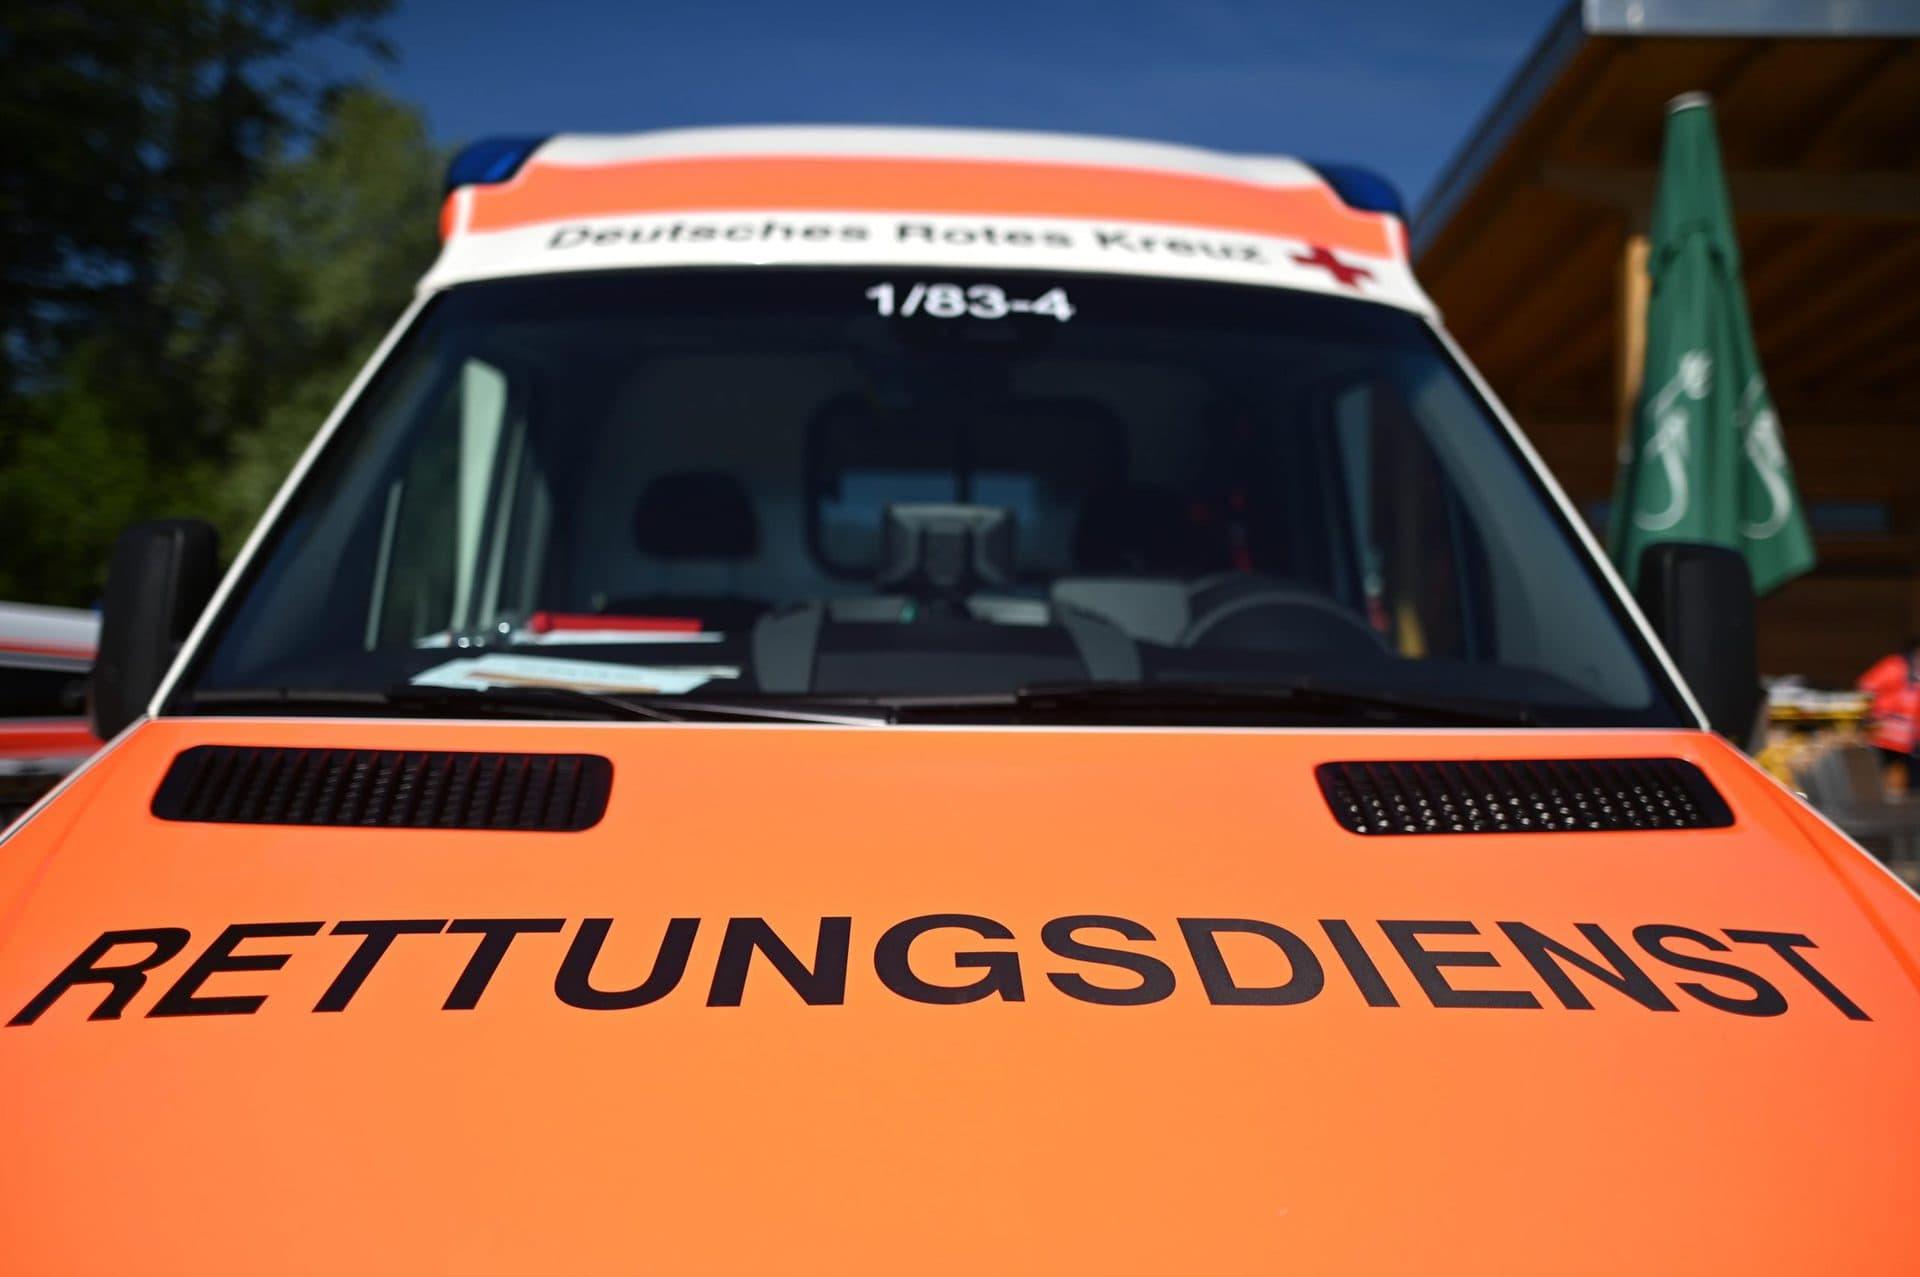 Fahranfänger verursacht Autounfall Drei Radfahrer verletzt